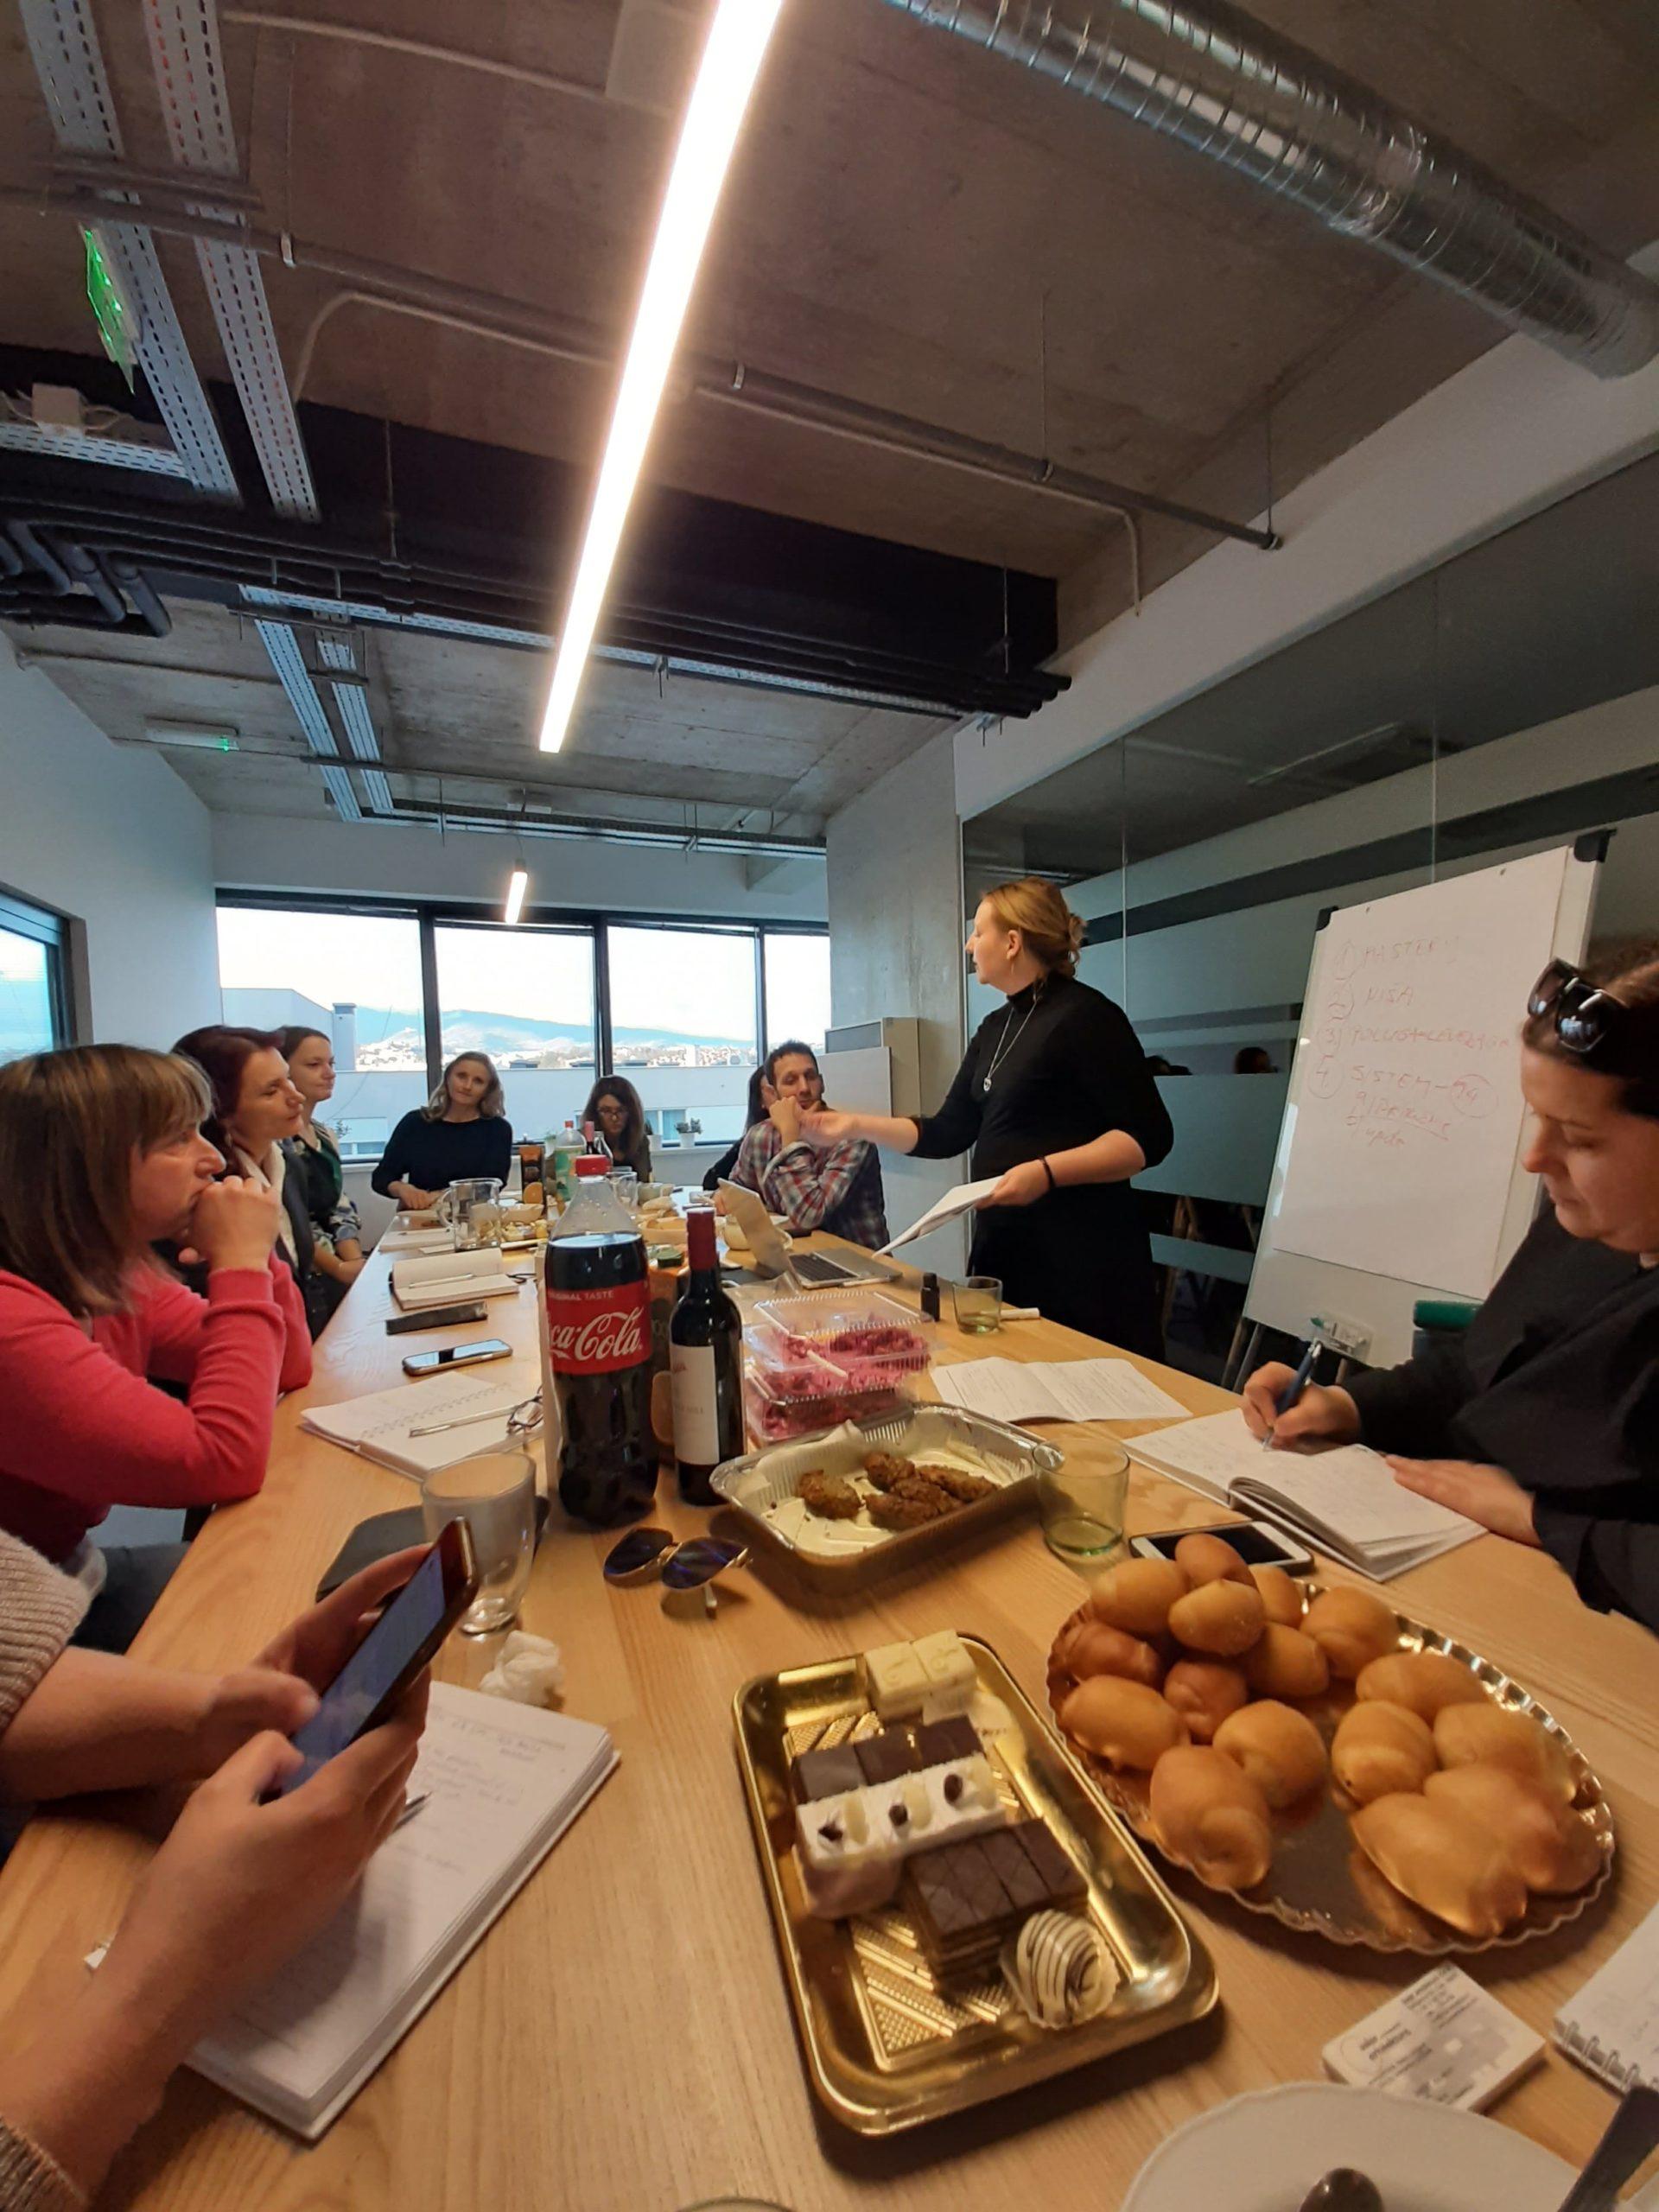 sastanak u meeting roomu